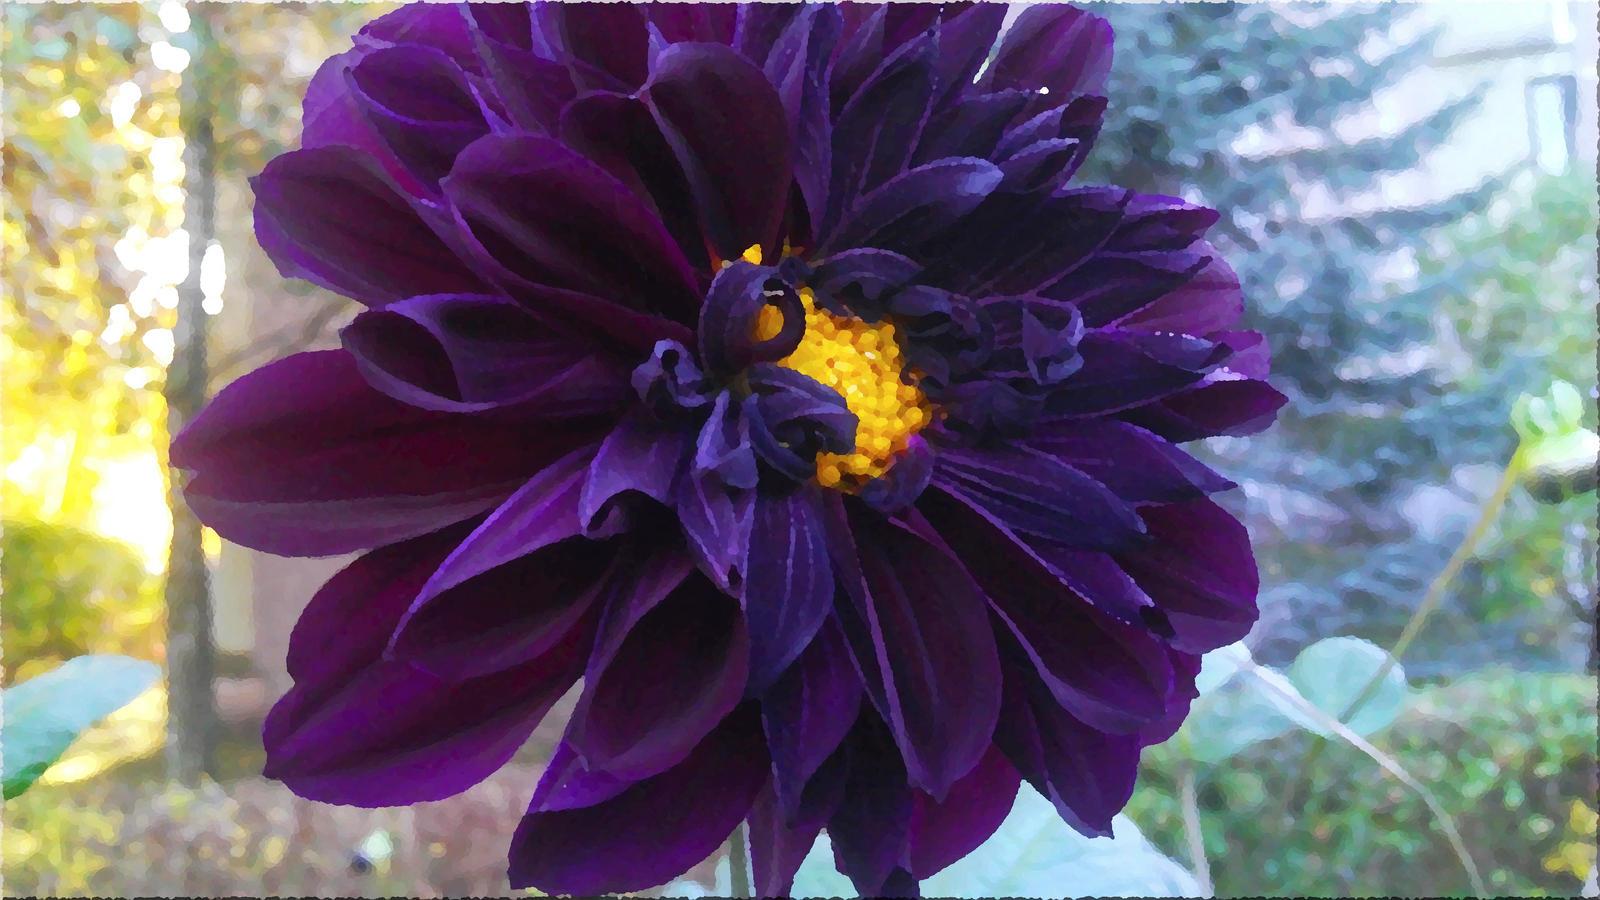 Big Flower Blossom